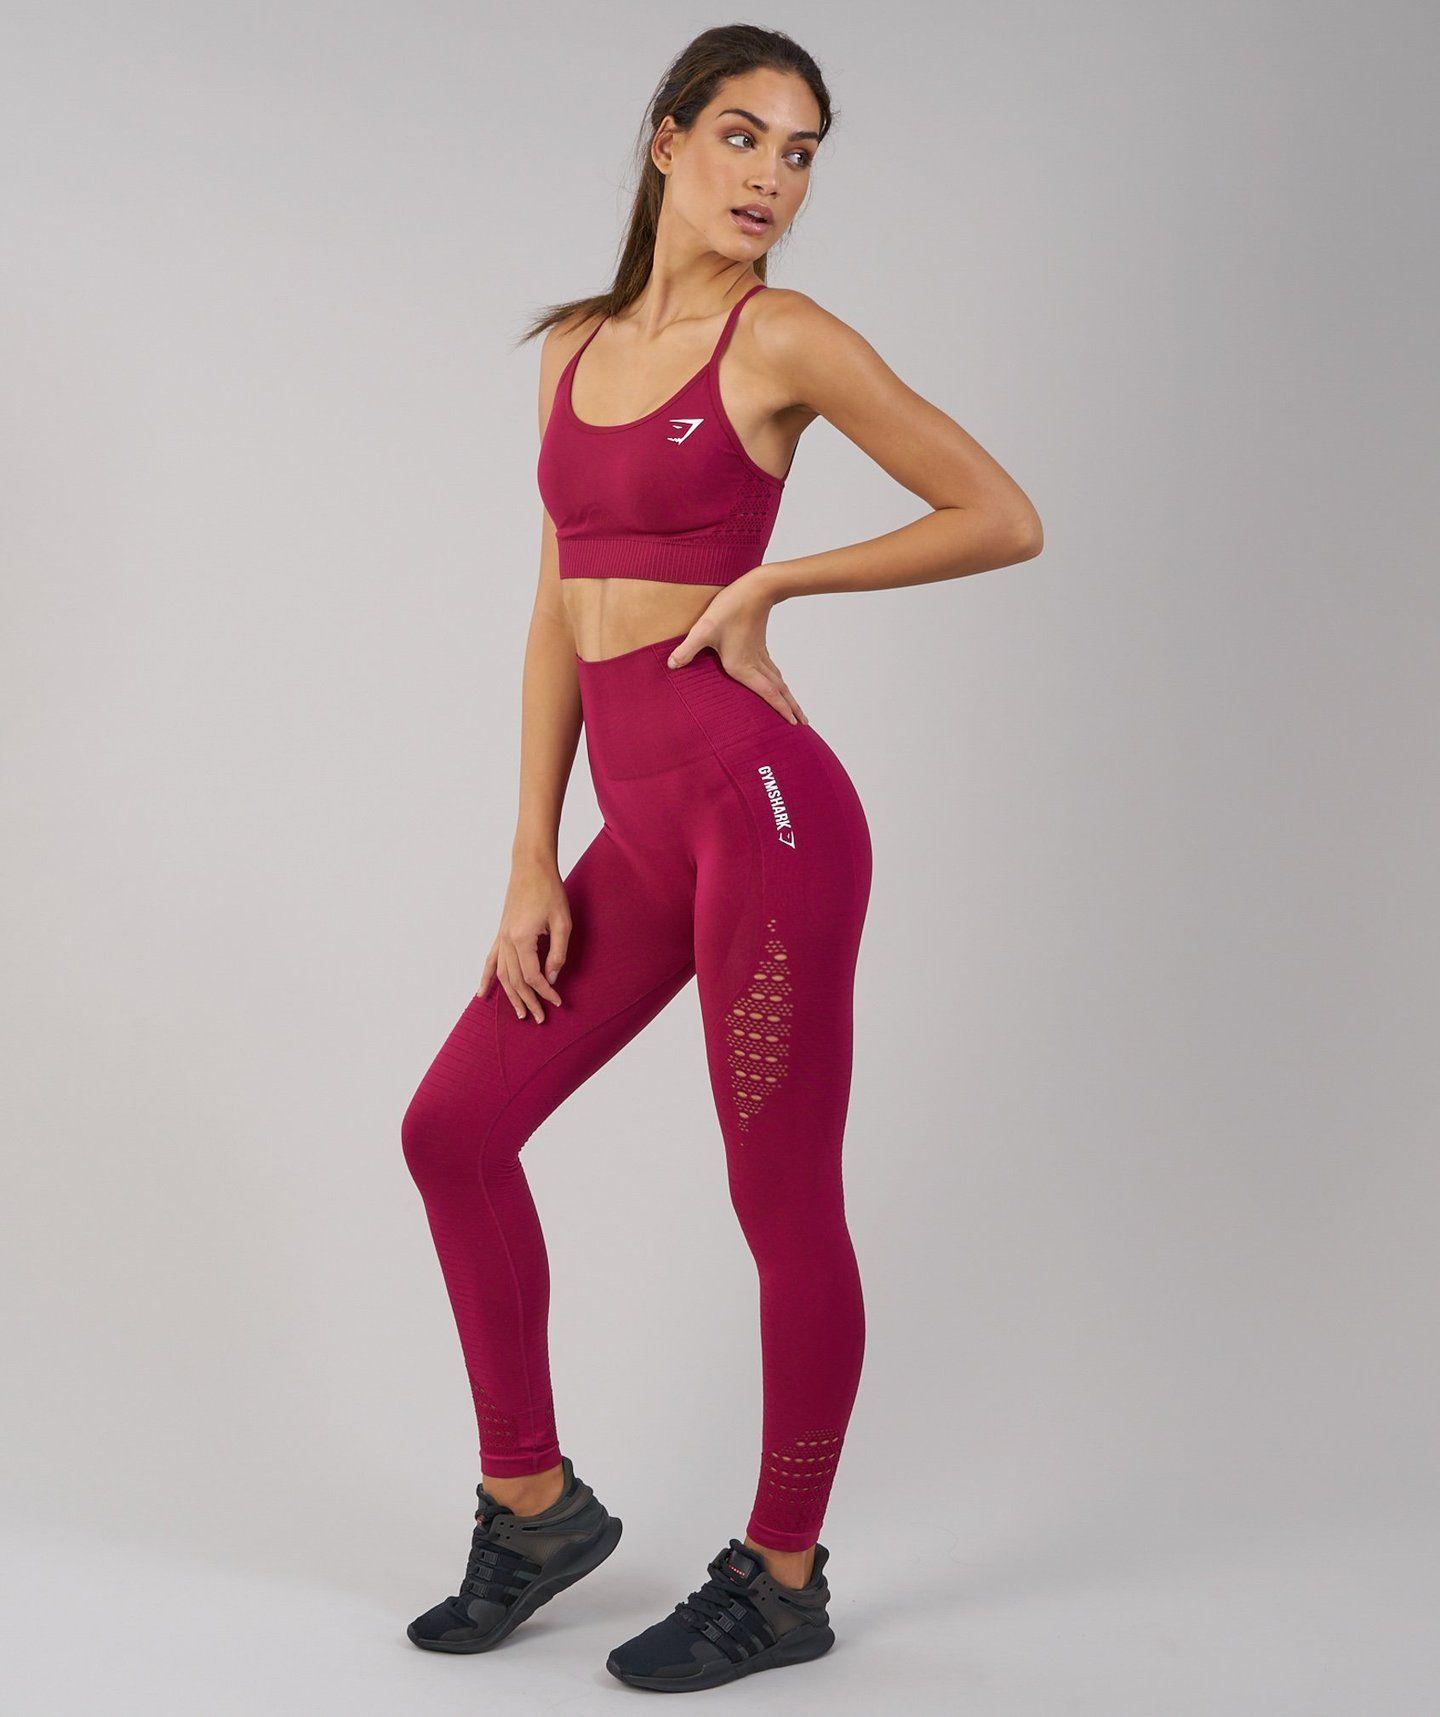 07de42c850997 Gymshark Energy Seamless High Waisted Leggings - Beet | Exercise ...